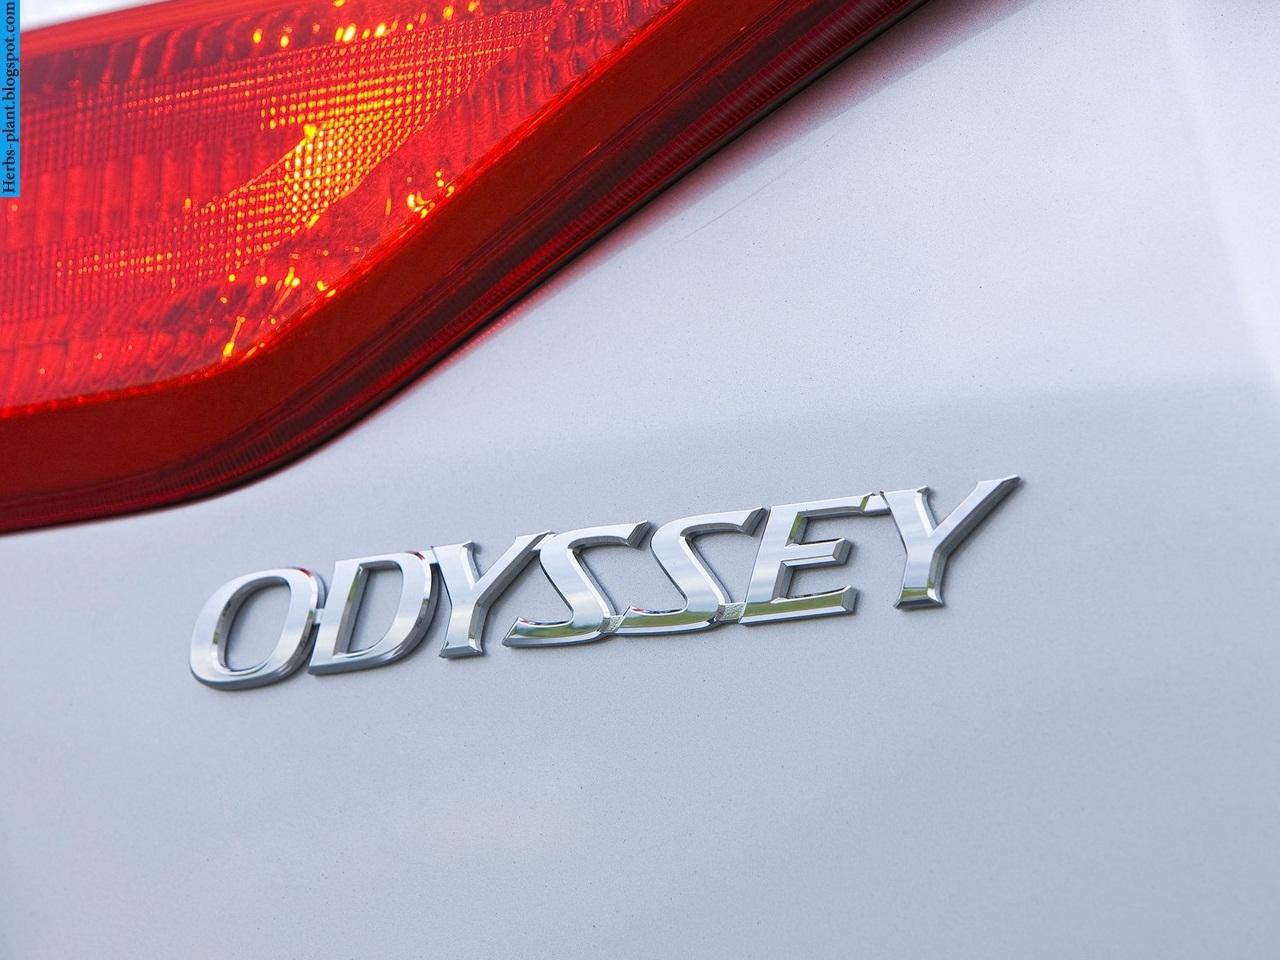 Honda odyssey car 2013 logo - صور شعار سيارة هوندا اوديسي 2013